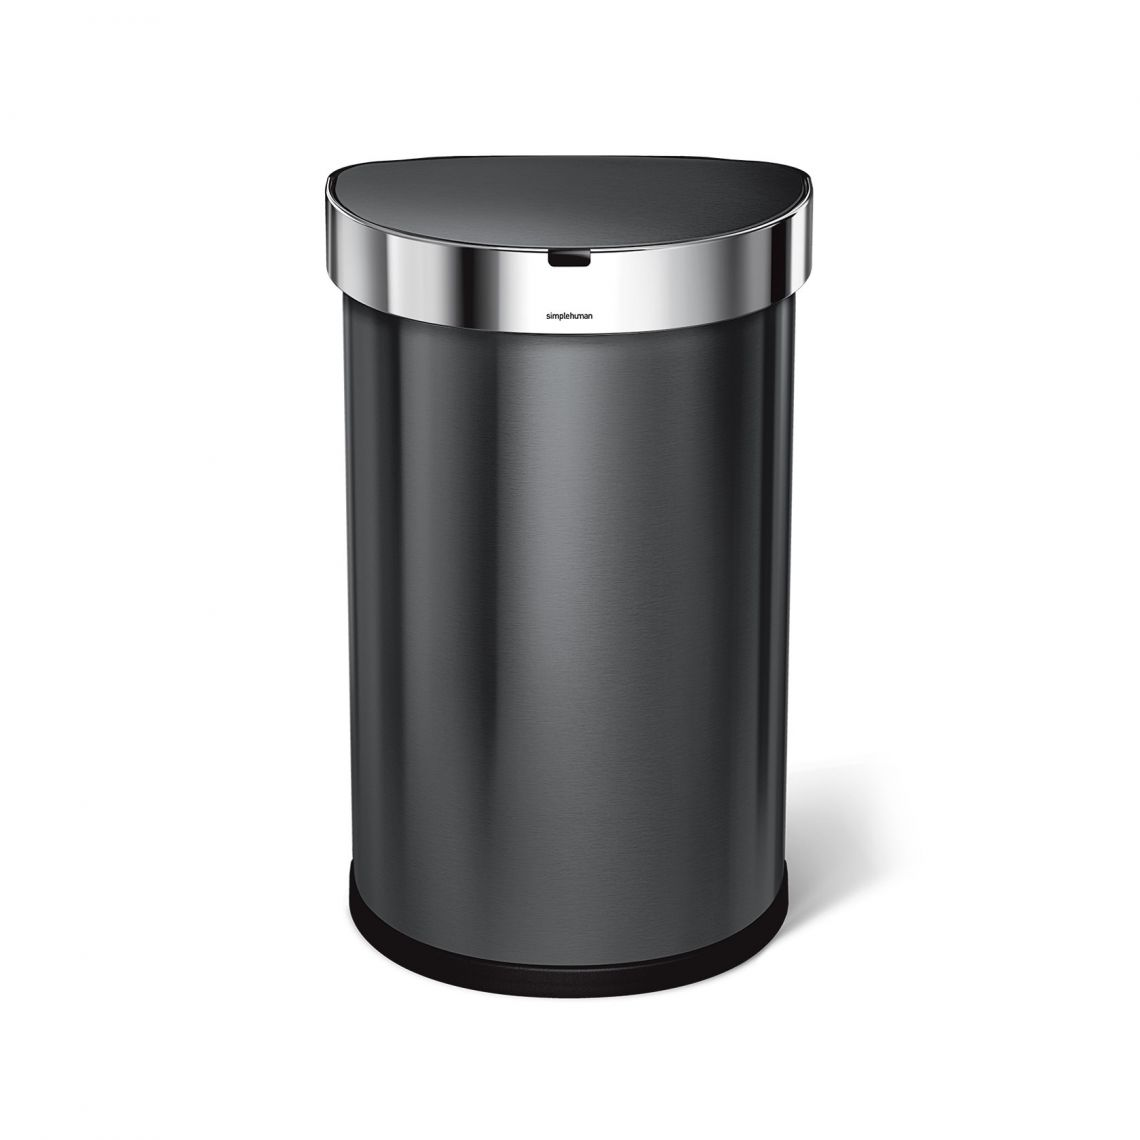 Bezdotykový odpadkový koš Simplehuman - 45 l, půlkulatý, černá ocel, kapsa na sáčky